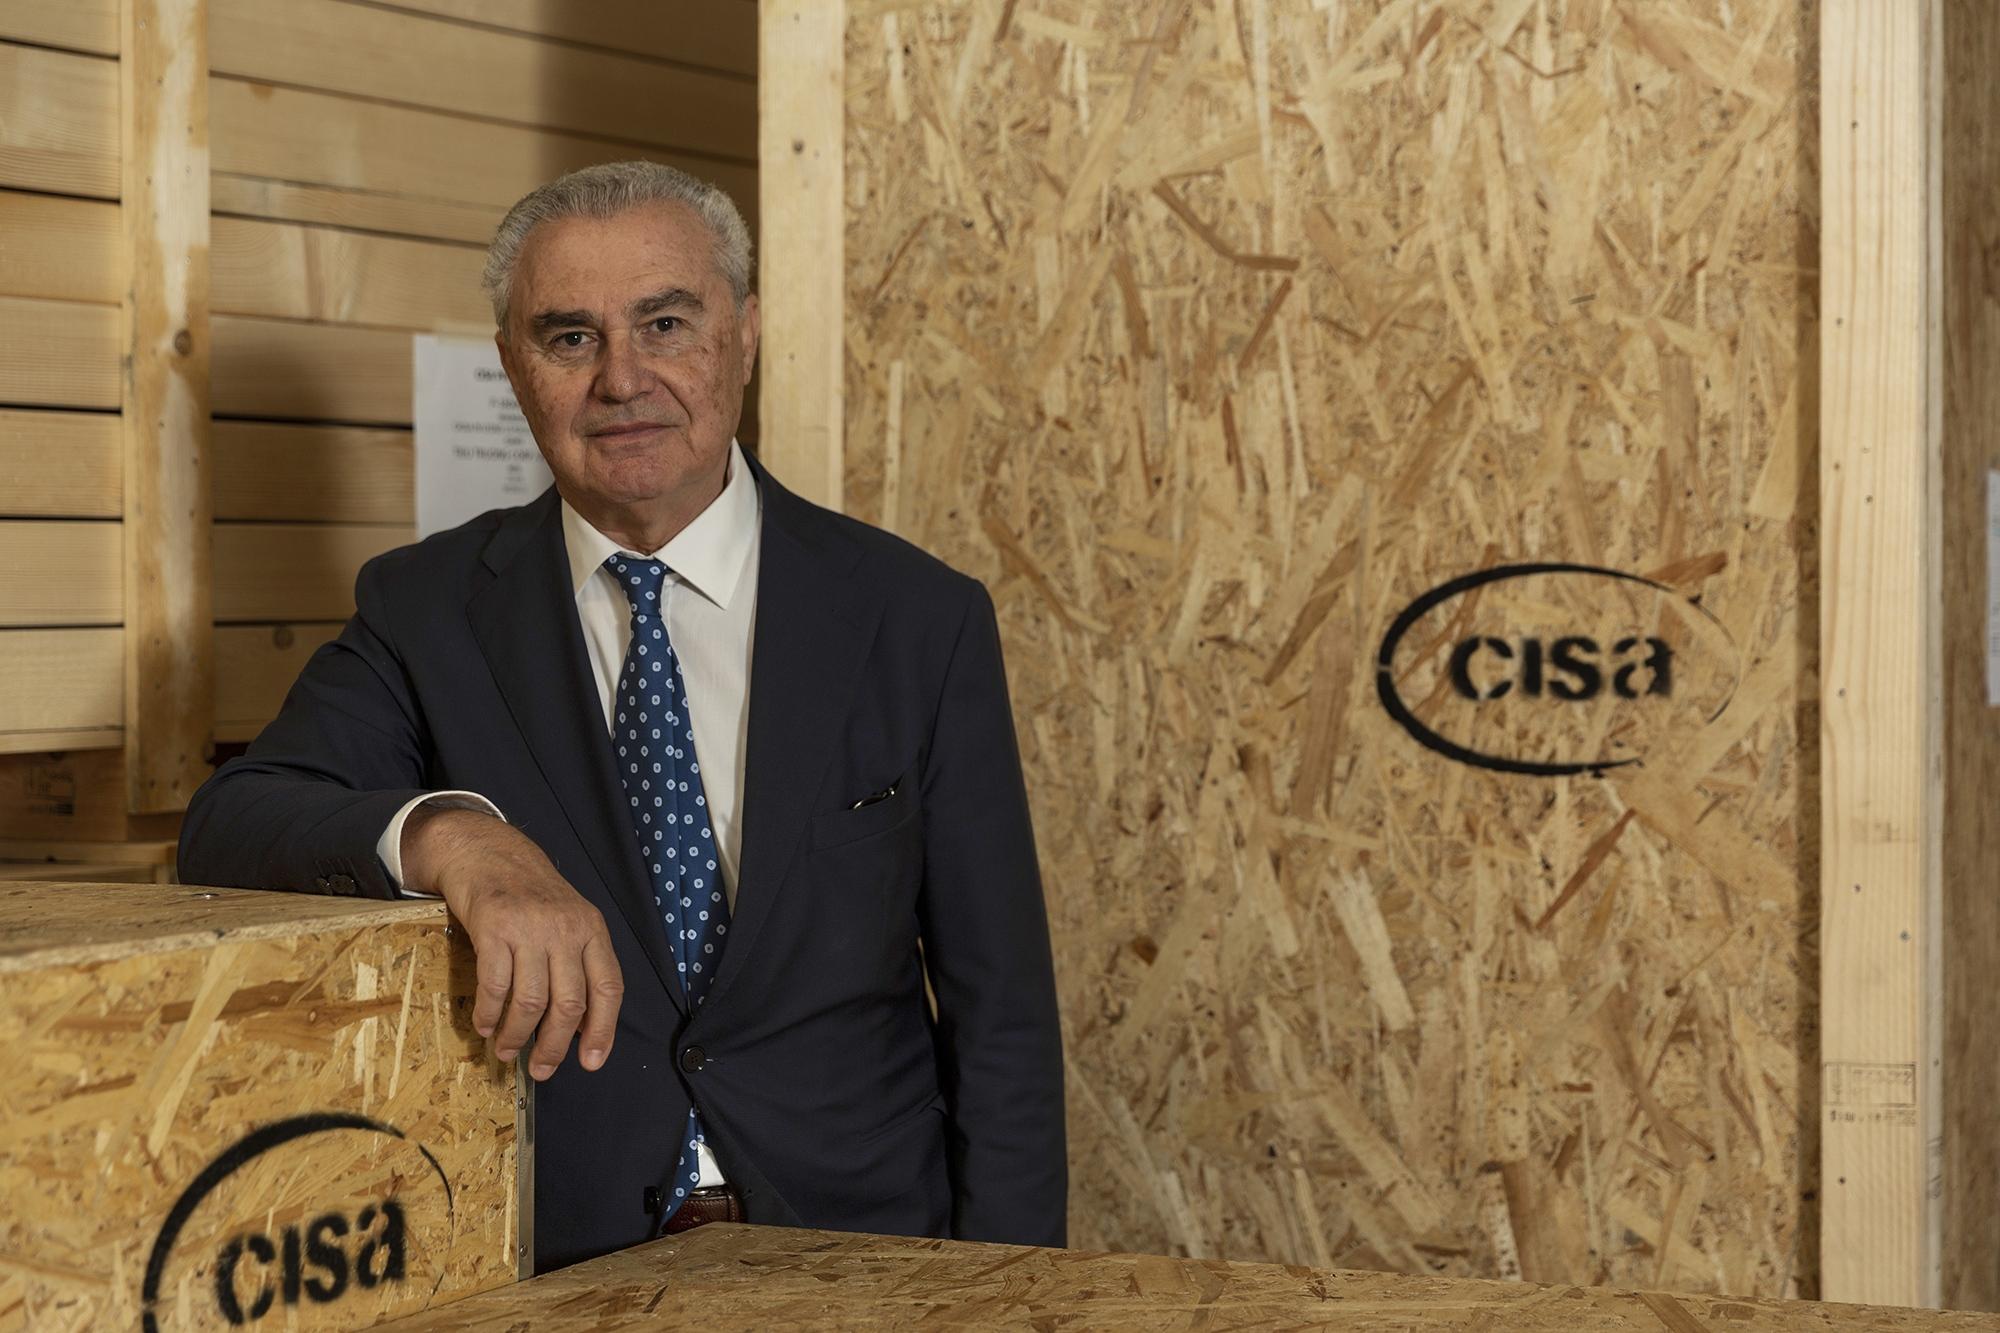 Il presidente di CISA - Enrico Dell'Artino